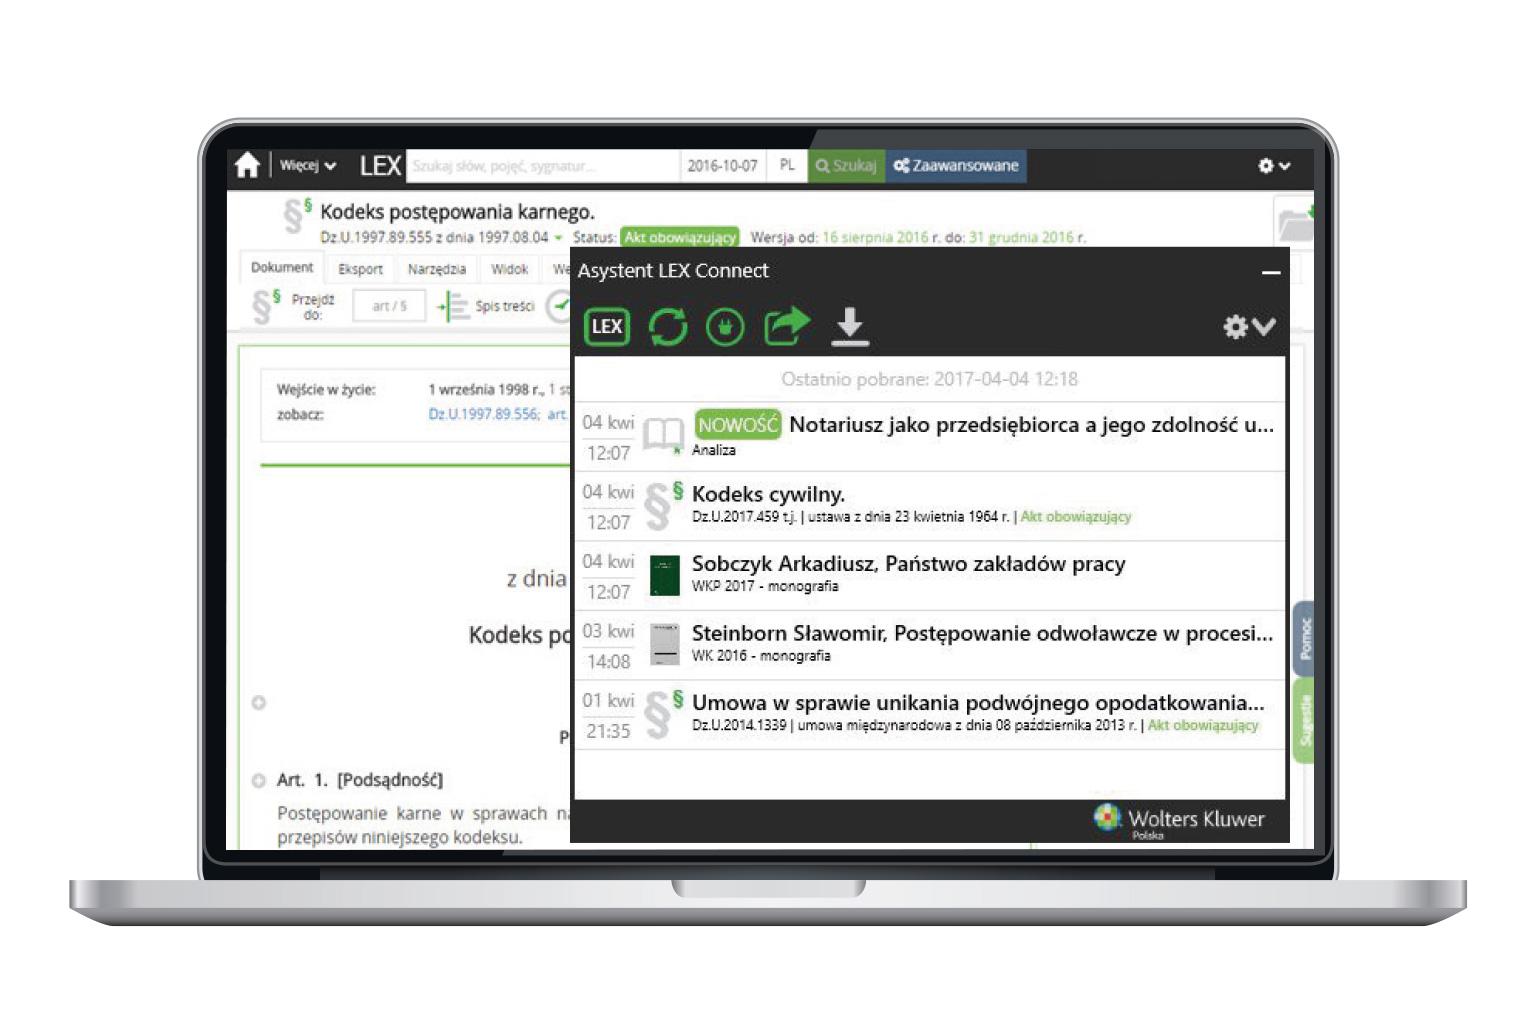 Okno narzędzia LEX Connect przedstawiające funkcję Asystenta